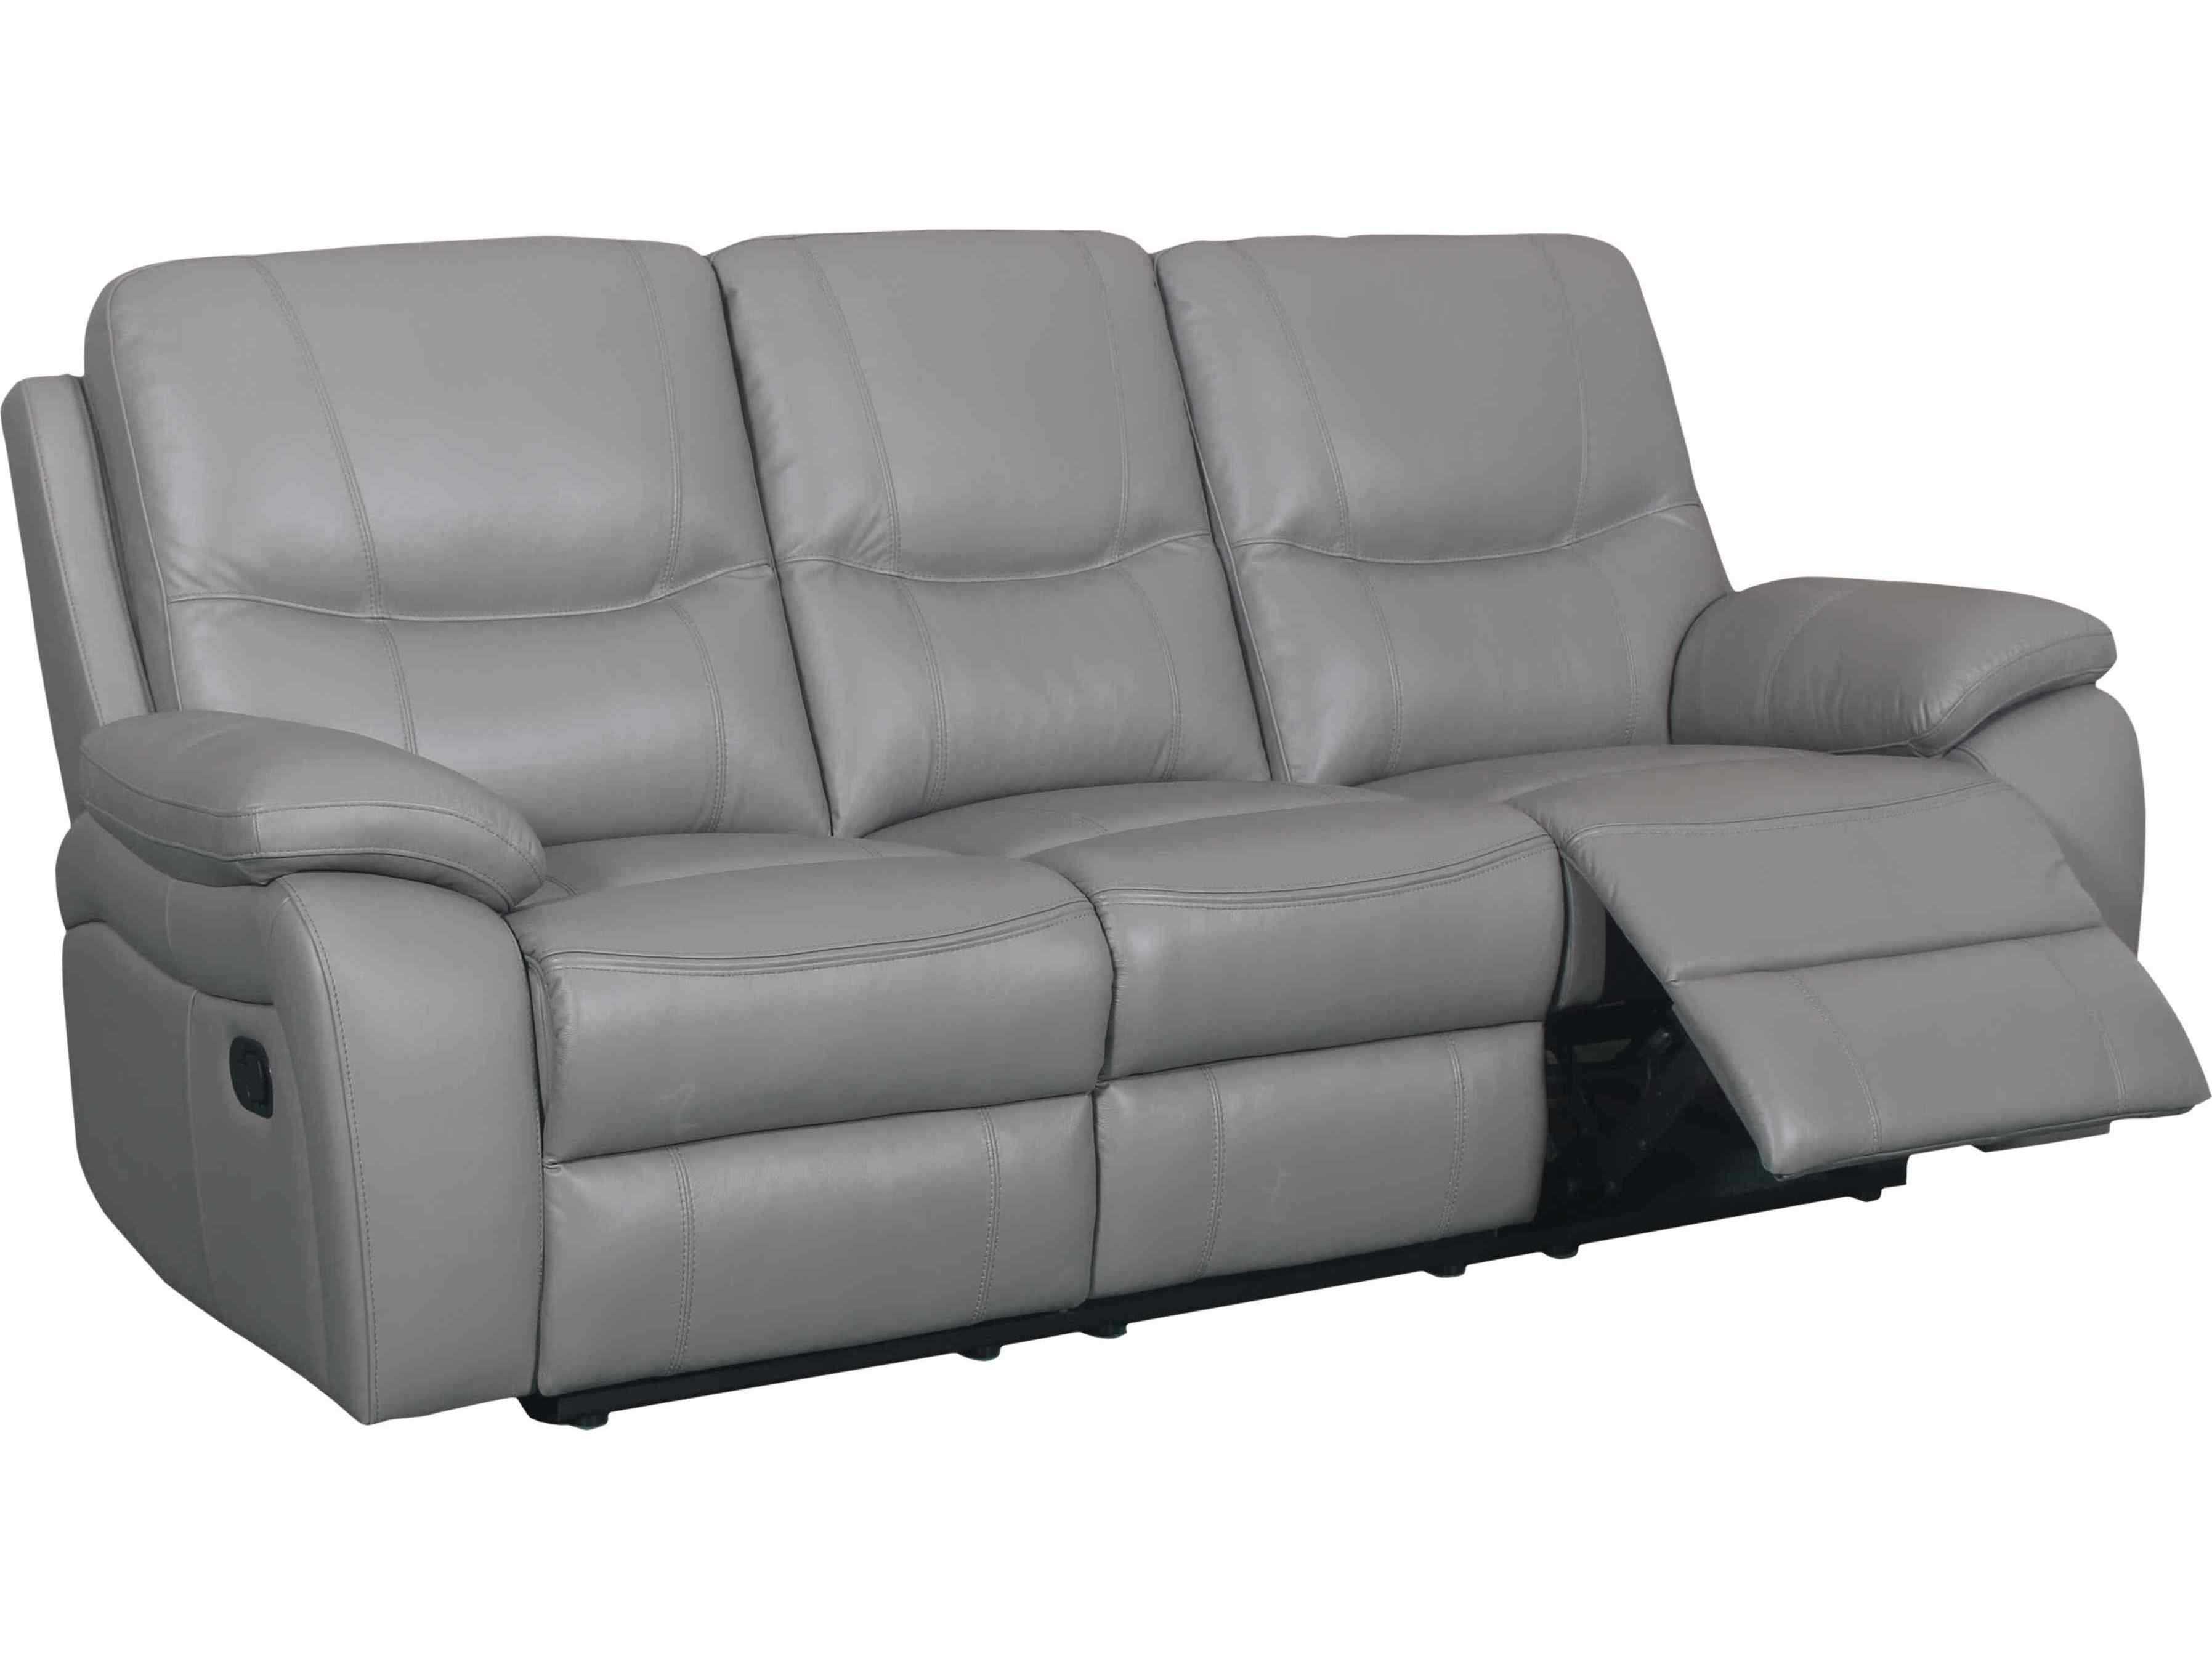 Barcalounger Casual Comfort Carter Power Sofa